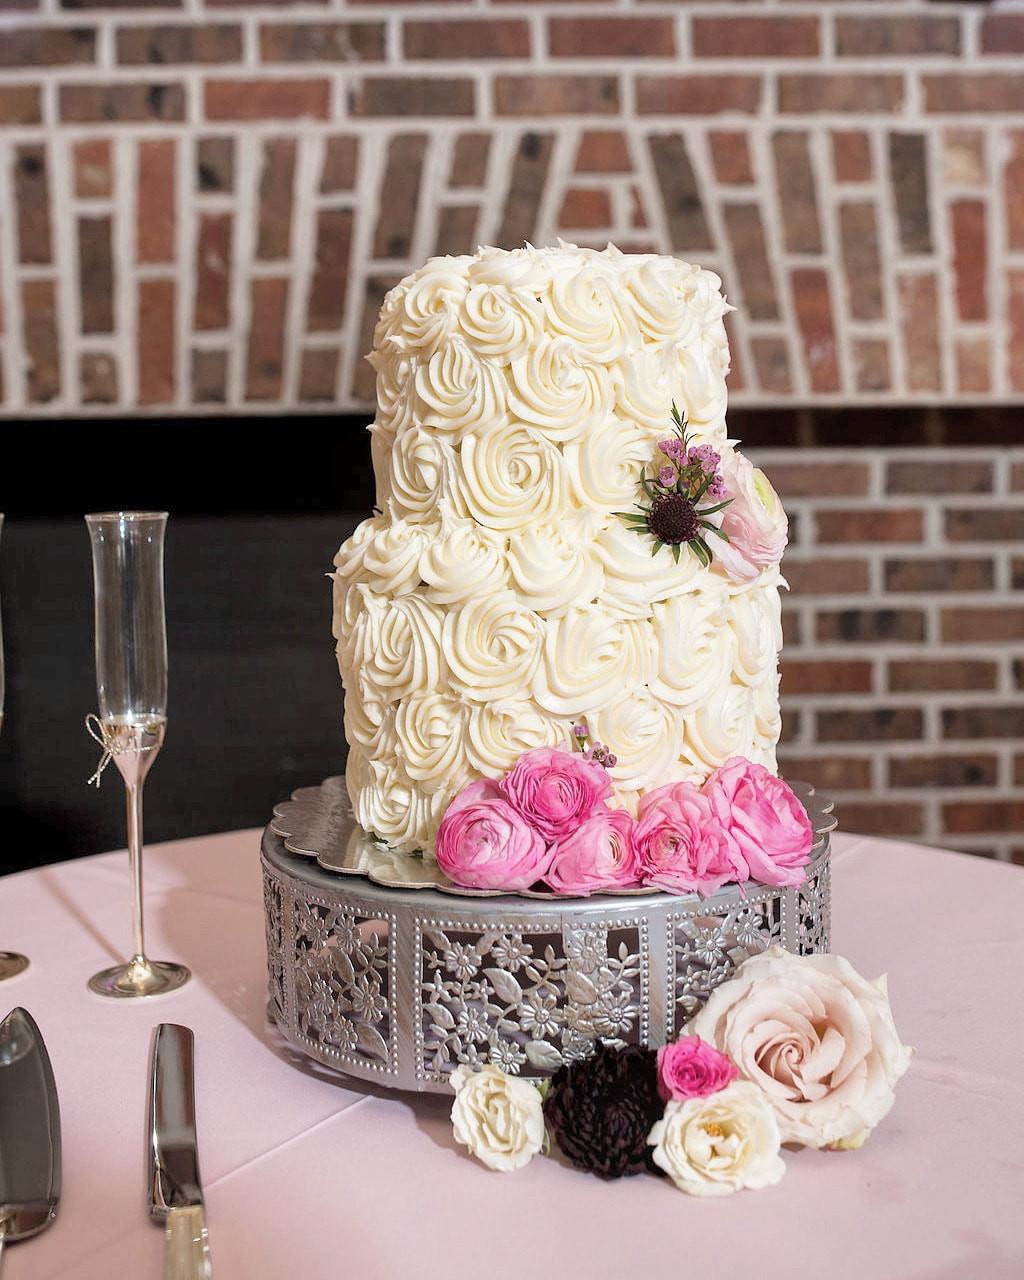 Charleston Wedding Cakes  Charleston Wedding Cake Gallery Sweet Lulu s Bakery